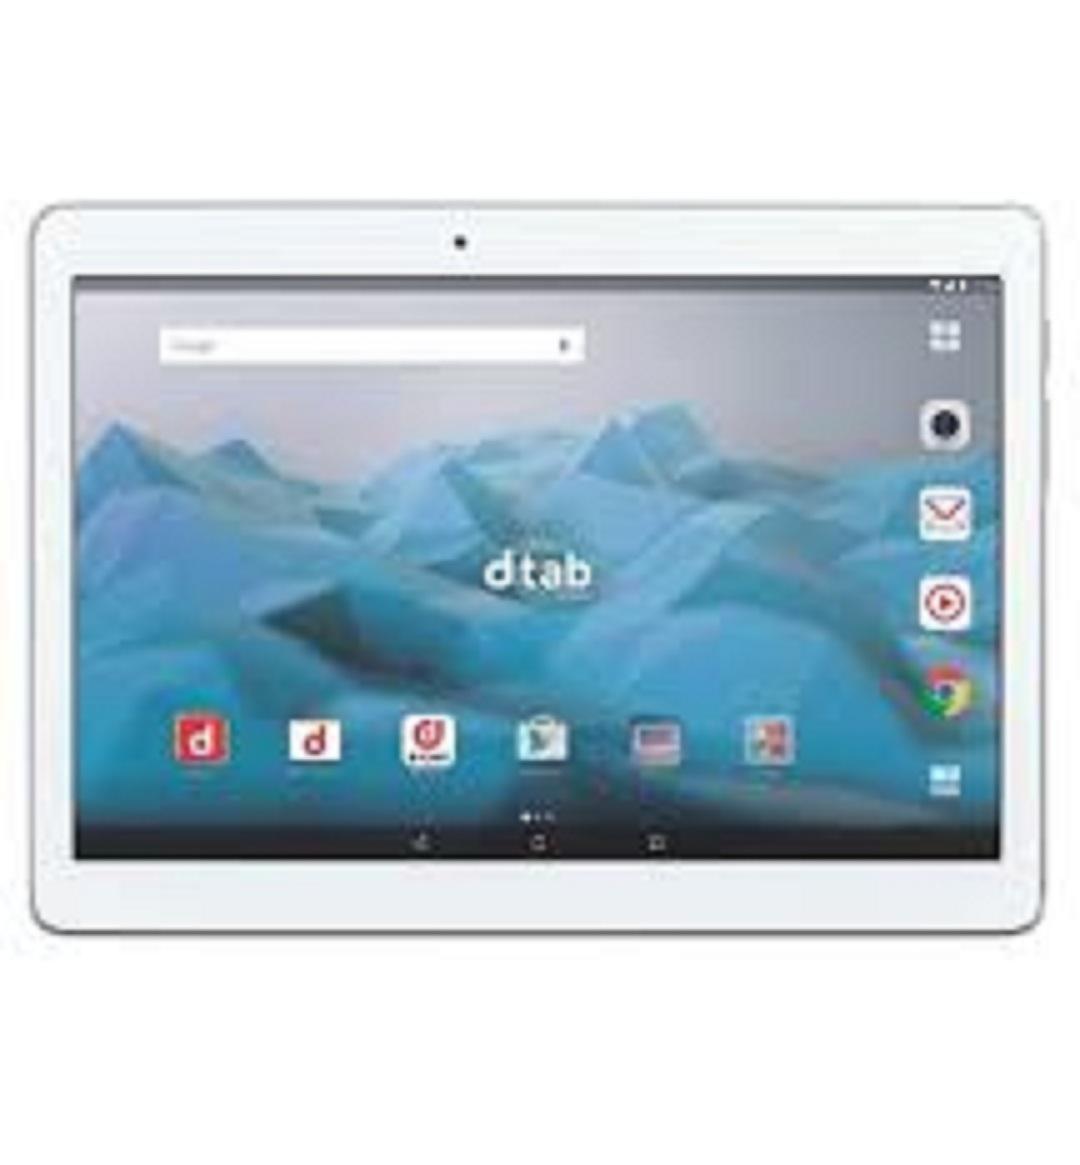 Giá sinh viên - MTB Huawei dtab 10.1 d-01H 4G/wifi (Huawei MediaPad 10.1)